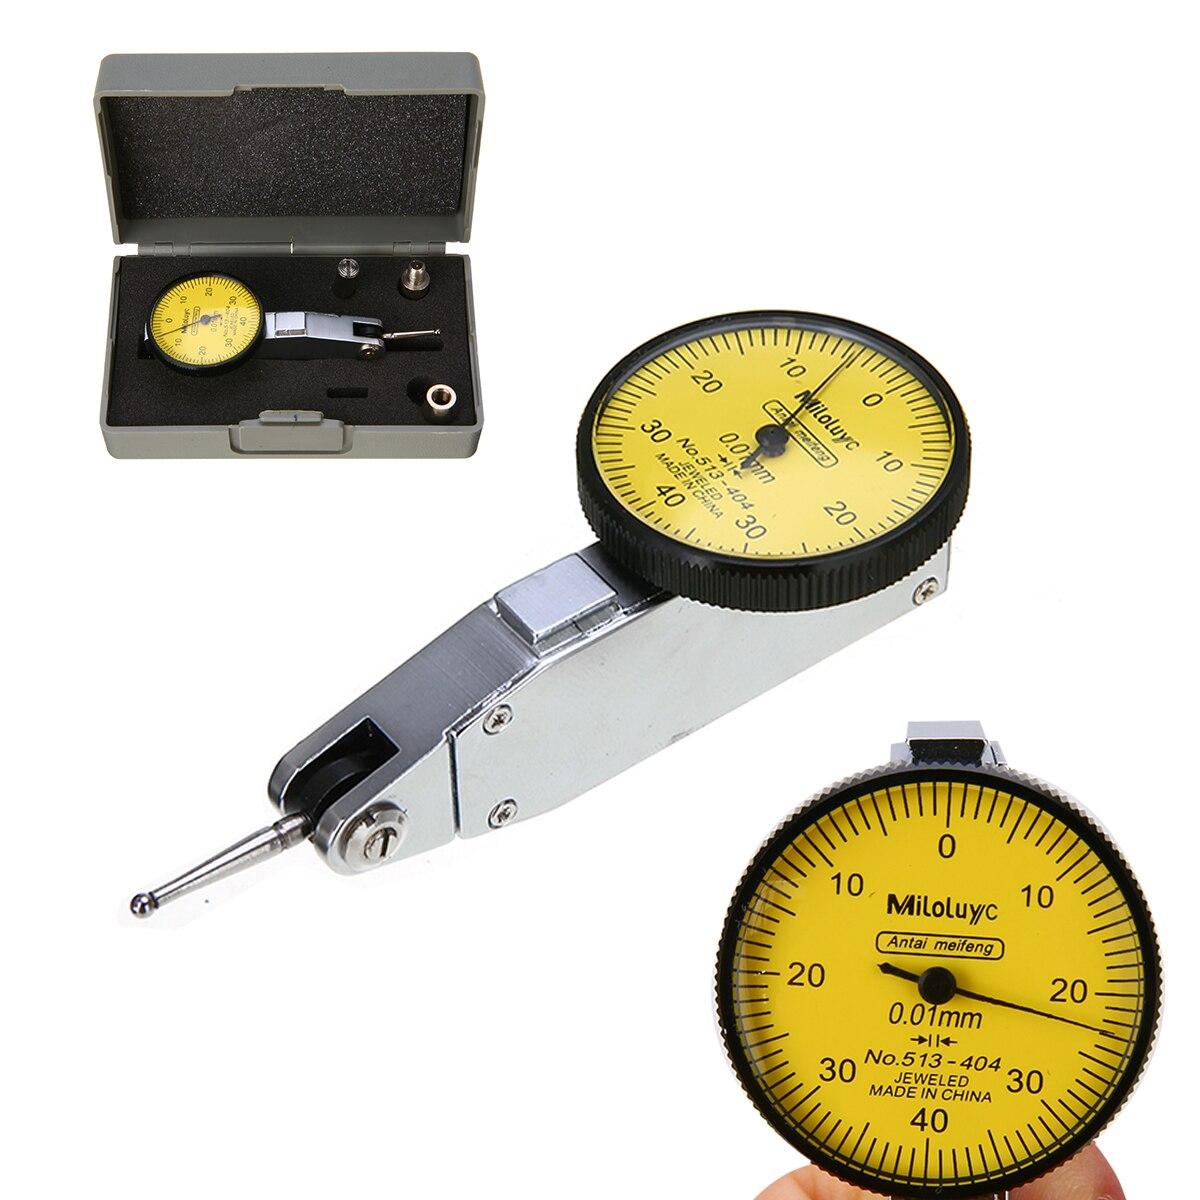 Preciso Dial Medidor Indicador de Teste de Precisão Métrica com Trilhos Cauda de Andorinha Montar 0-40-Mayitr 0 0.01 milímetros de Medição ferramenta instrumento